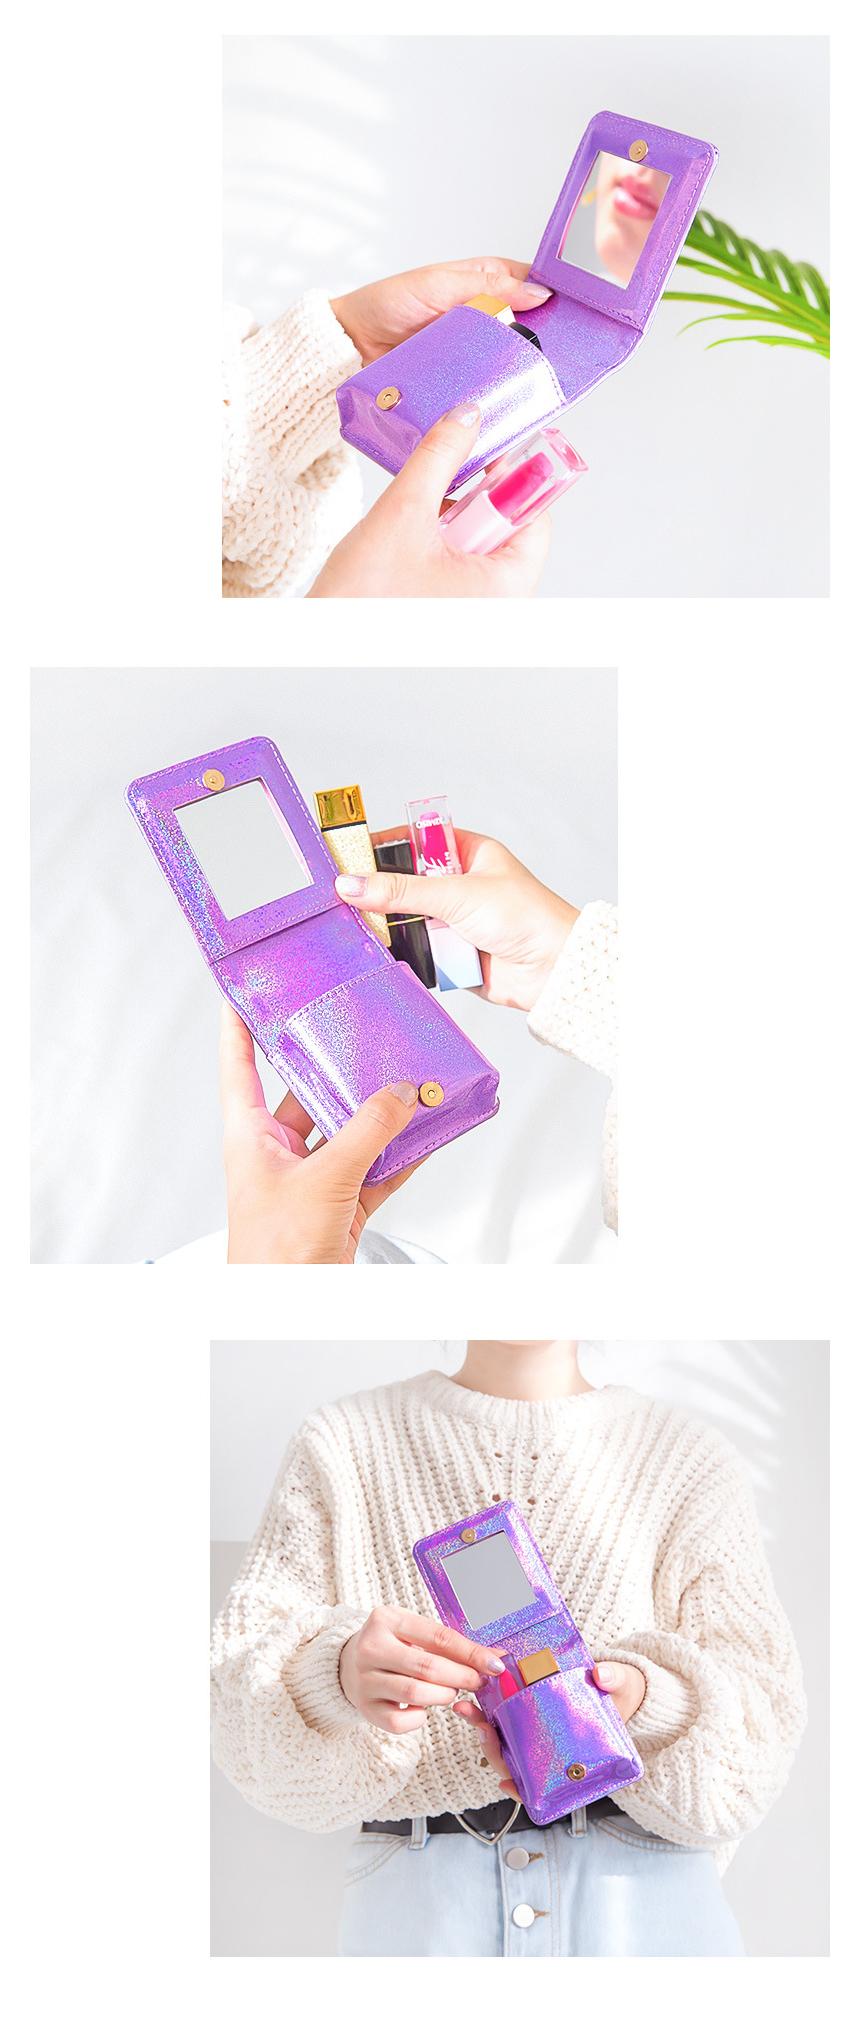 벤토이 러블리클럽 립스틱케이스 - 251w, 12,400원, 메이크업 파우치, 끈/주머니형